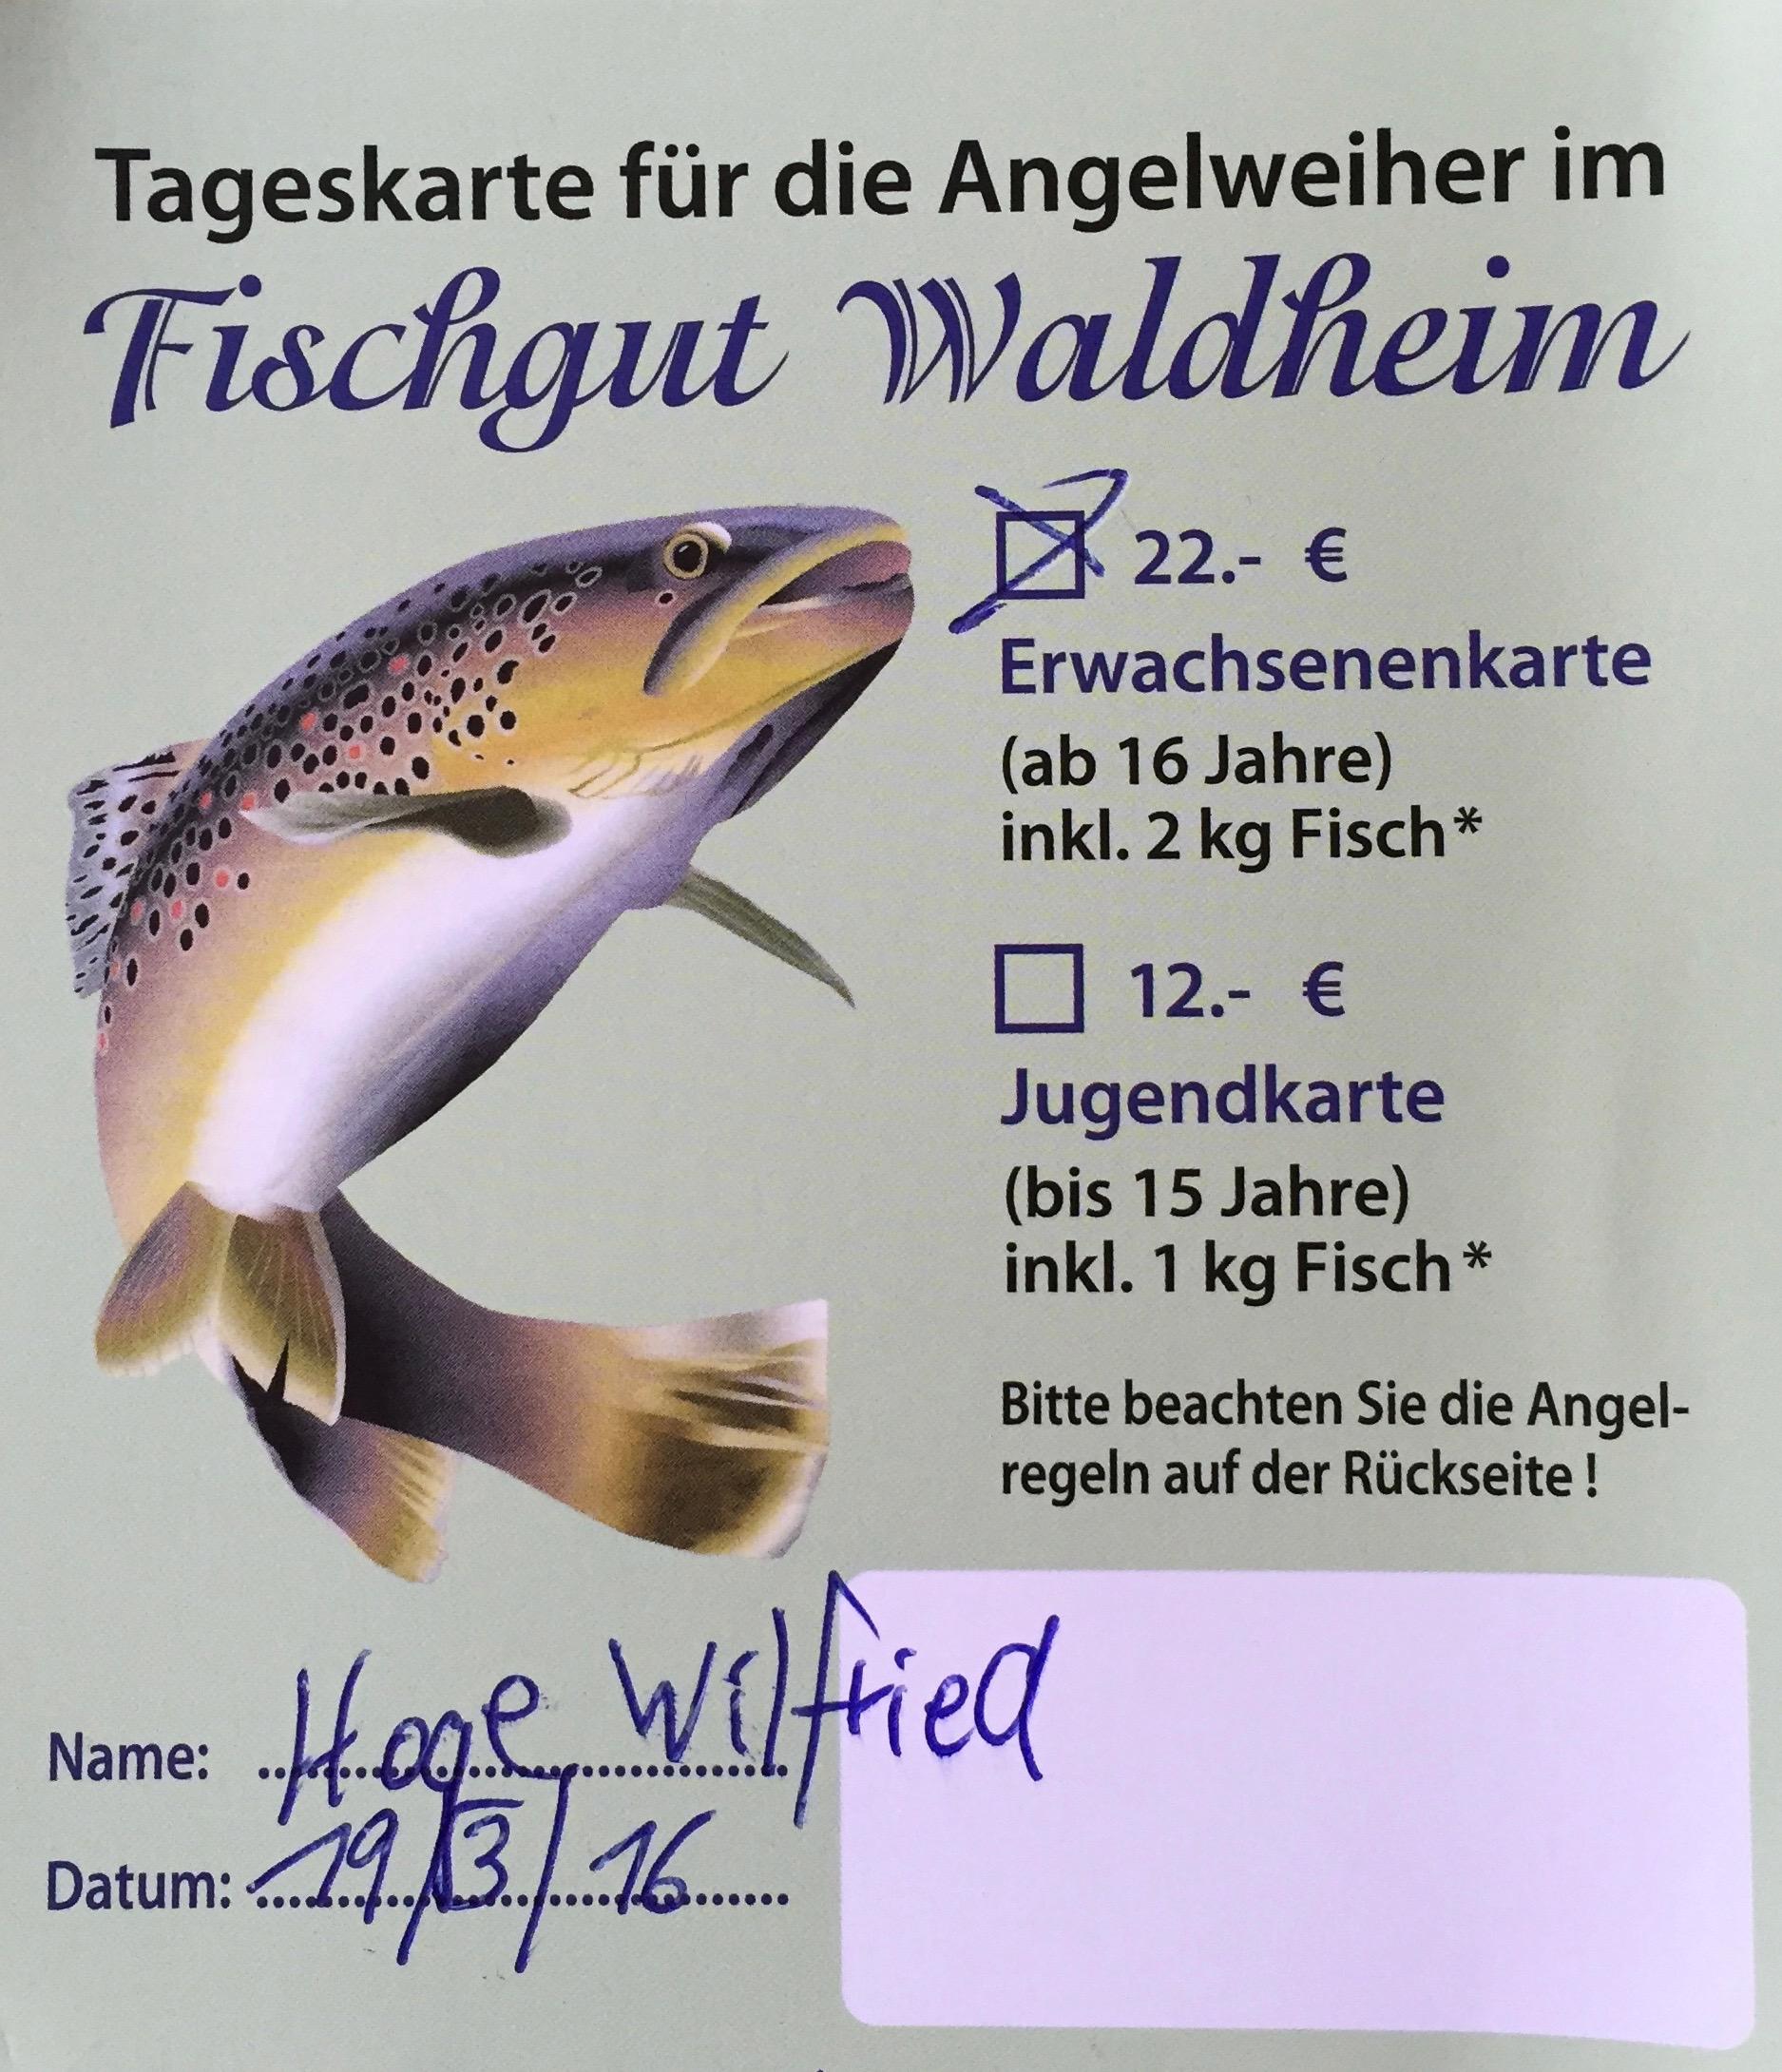 Fischgut Waldheim